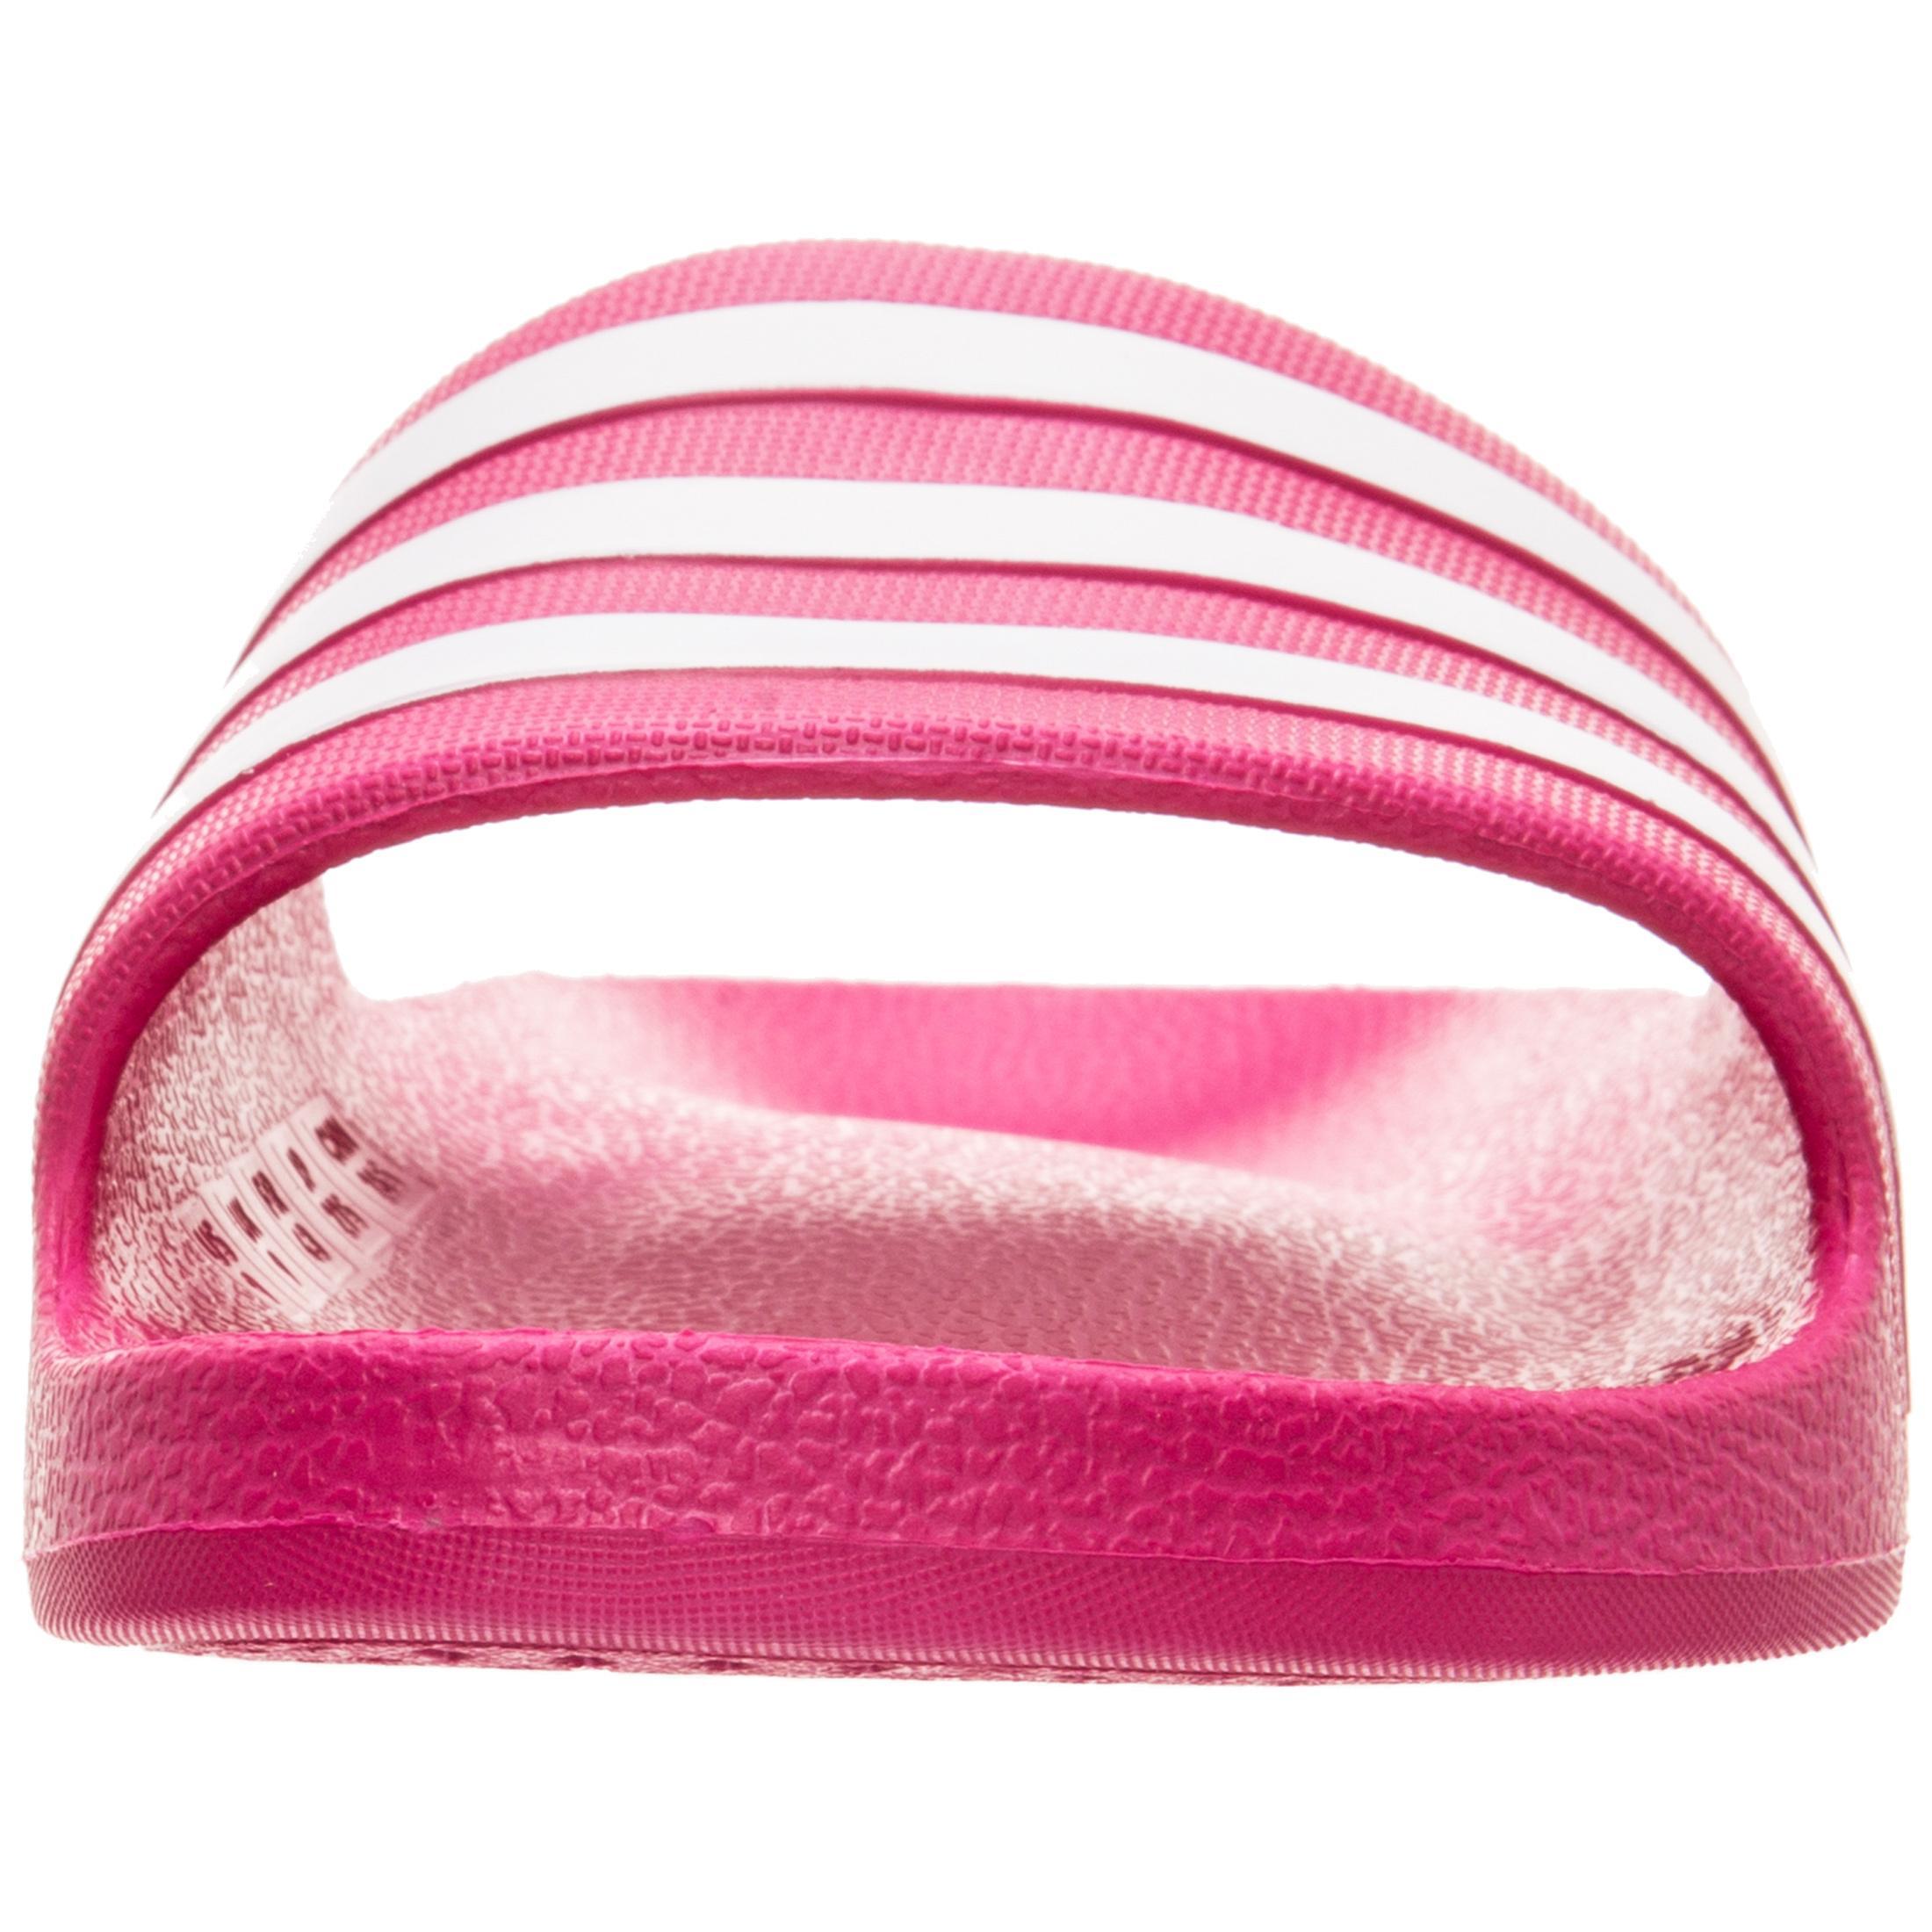 Adidas Aqua Aqua Aqua Sandalen Herren pink / weiß im Online Shop von SportScheck kaufen Gute Qualität beliebte Schuhe dd21b5